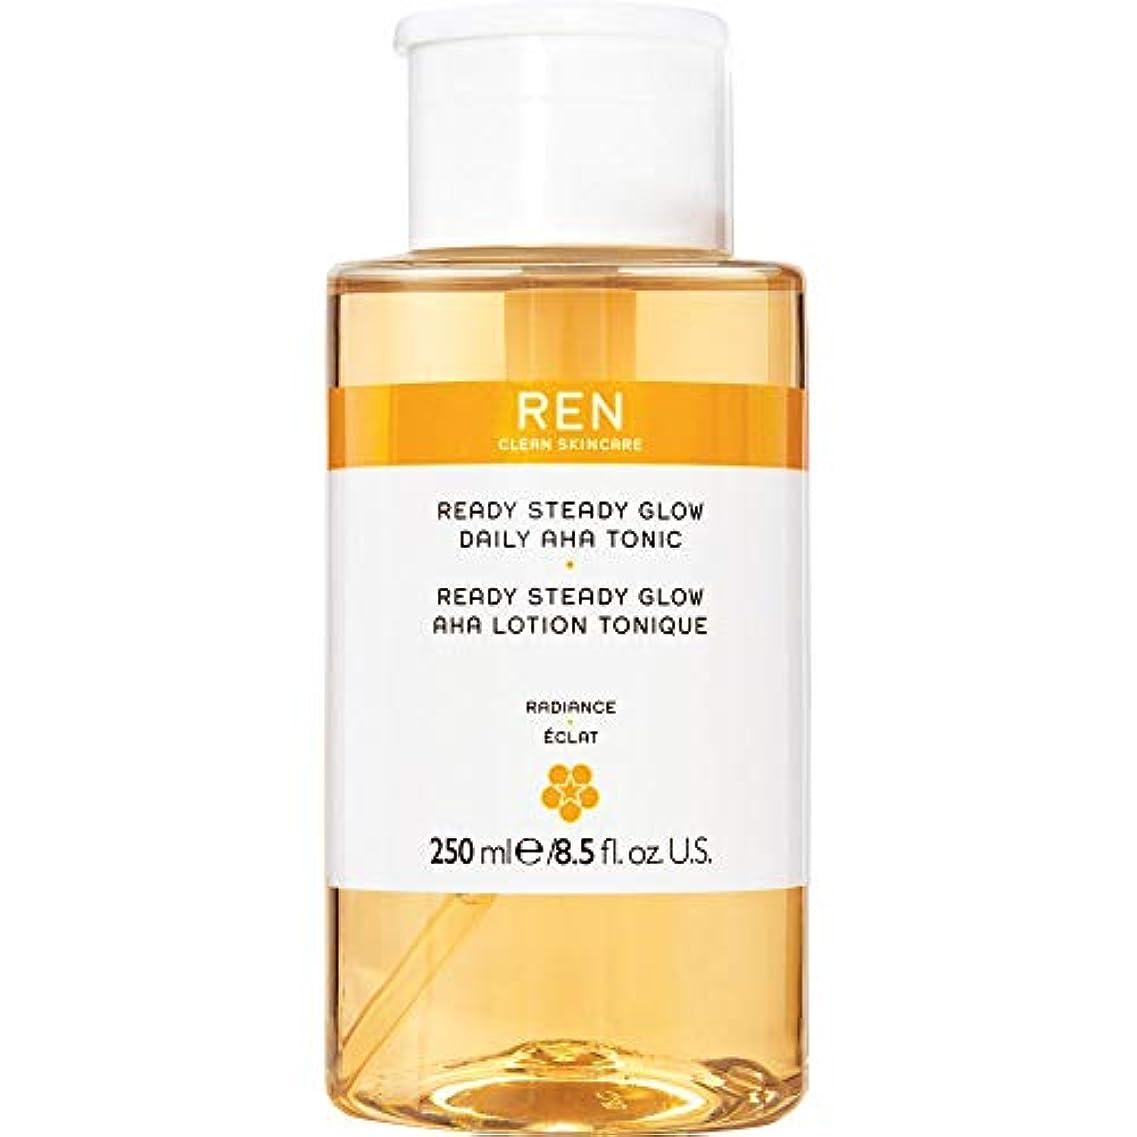 唯一落ちた形容詞[REN] 準備ができて安定したグロー毎日Ahaの強壮剤の250ミリリットルをRen - REN Ready Steady Glow Daily AHA Tonic 250ml [並行輸入品]